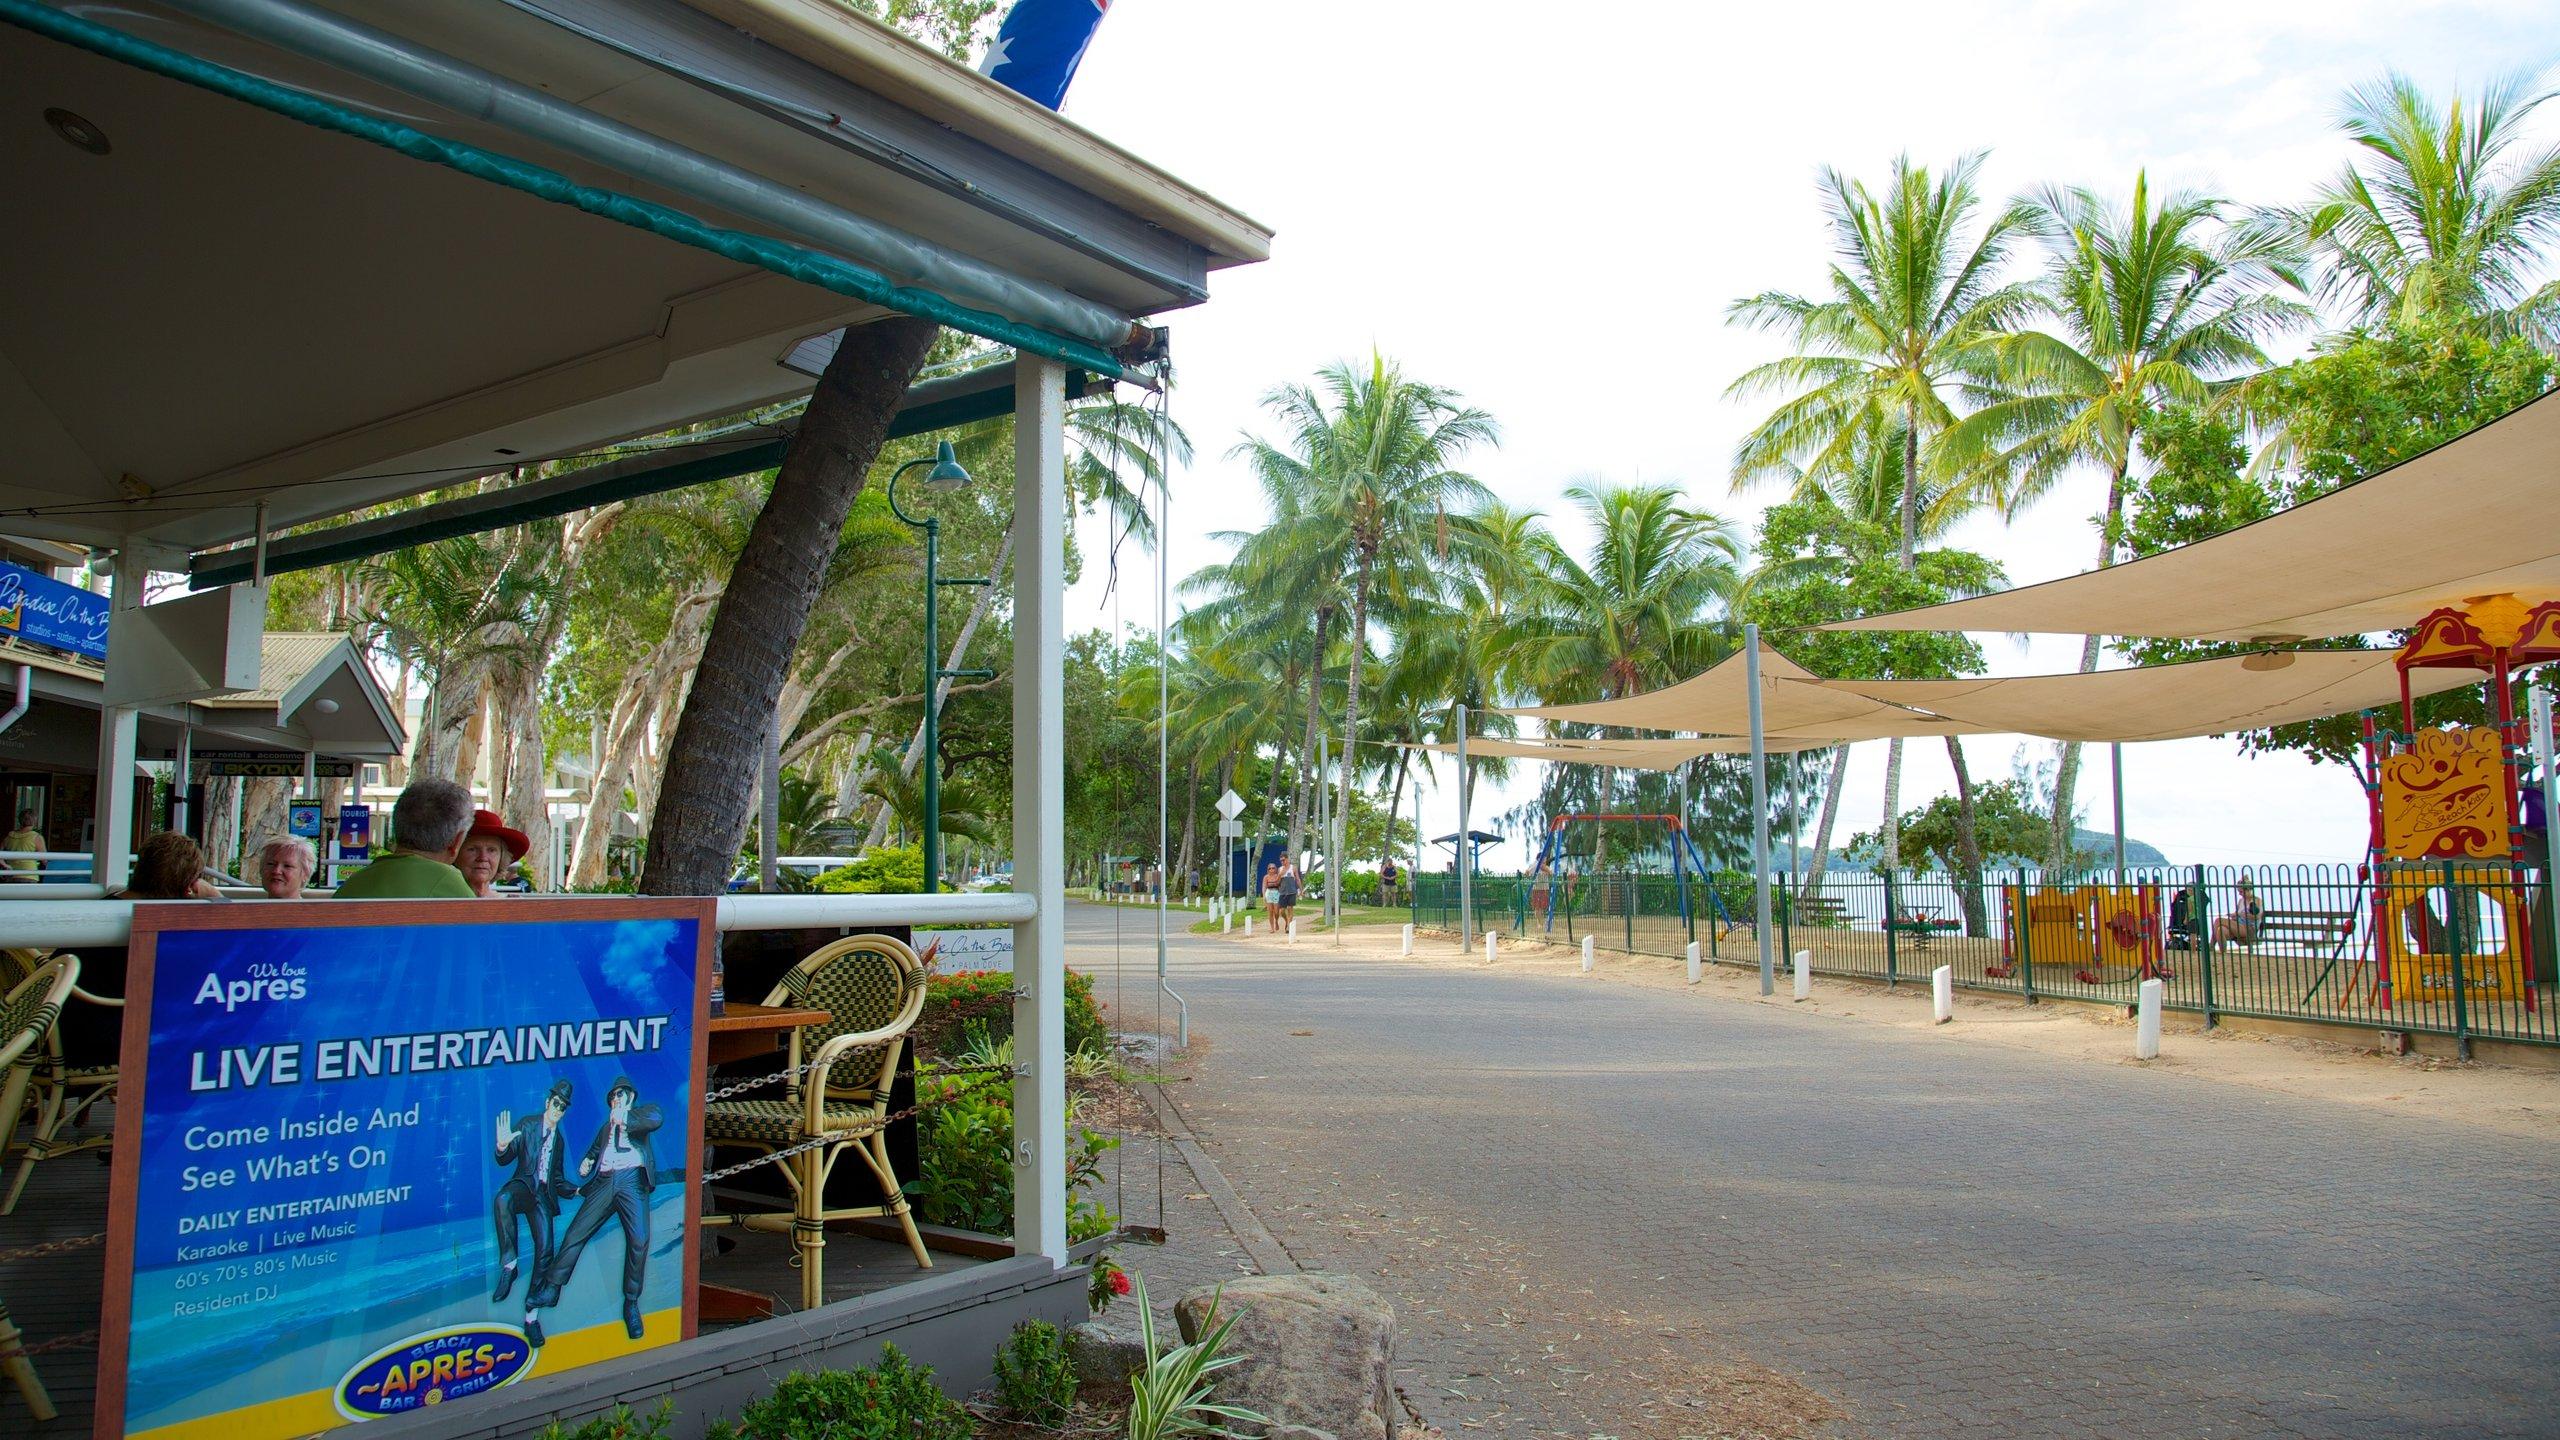 Kewarra Beach, Cairns, Queensland, Australië